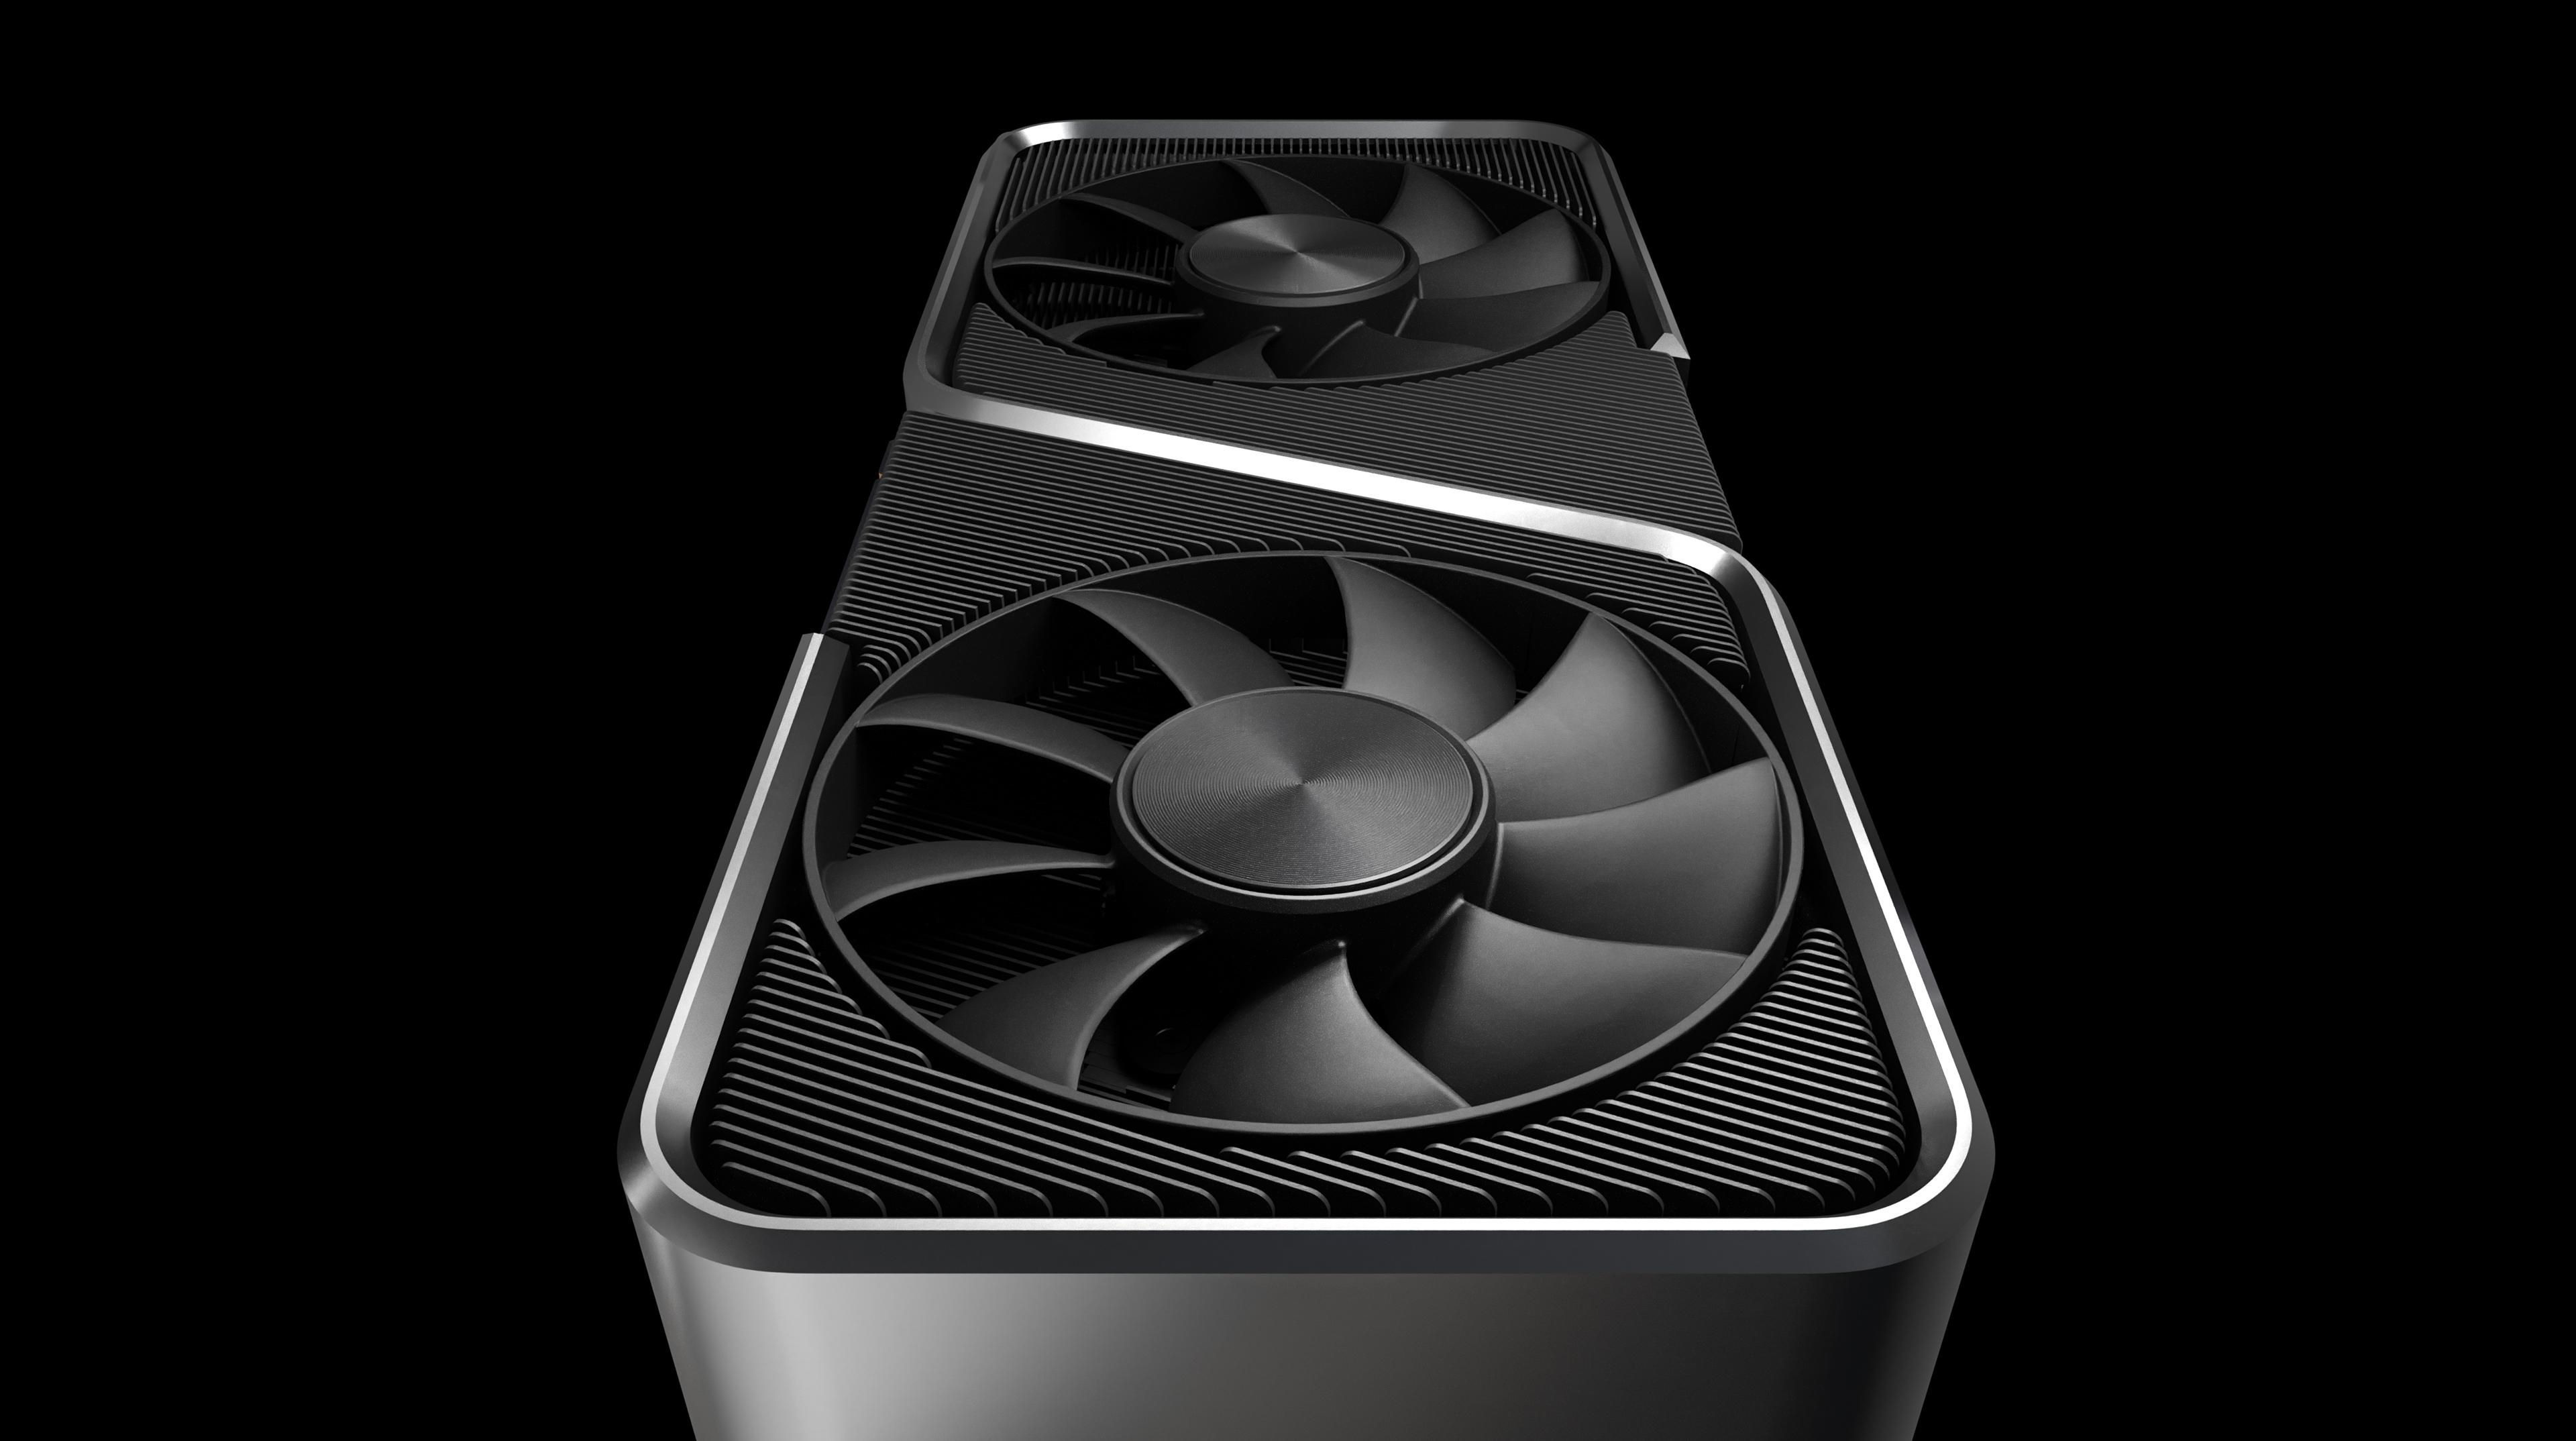 Nvidia S New Rtx 3060 Ti Beats Rtx 2080 Super Across The Board Pc Gamer